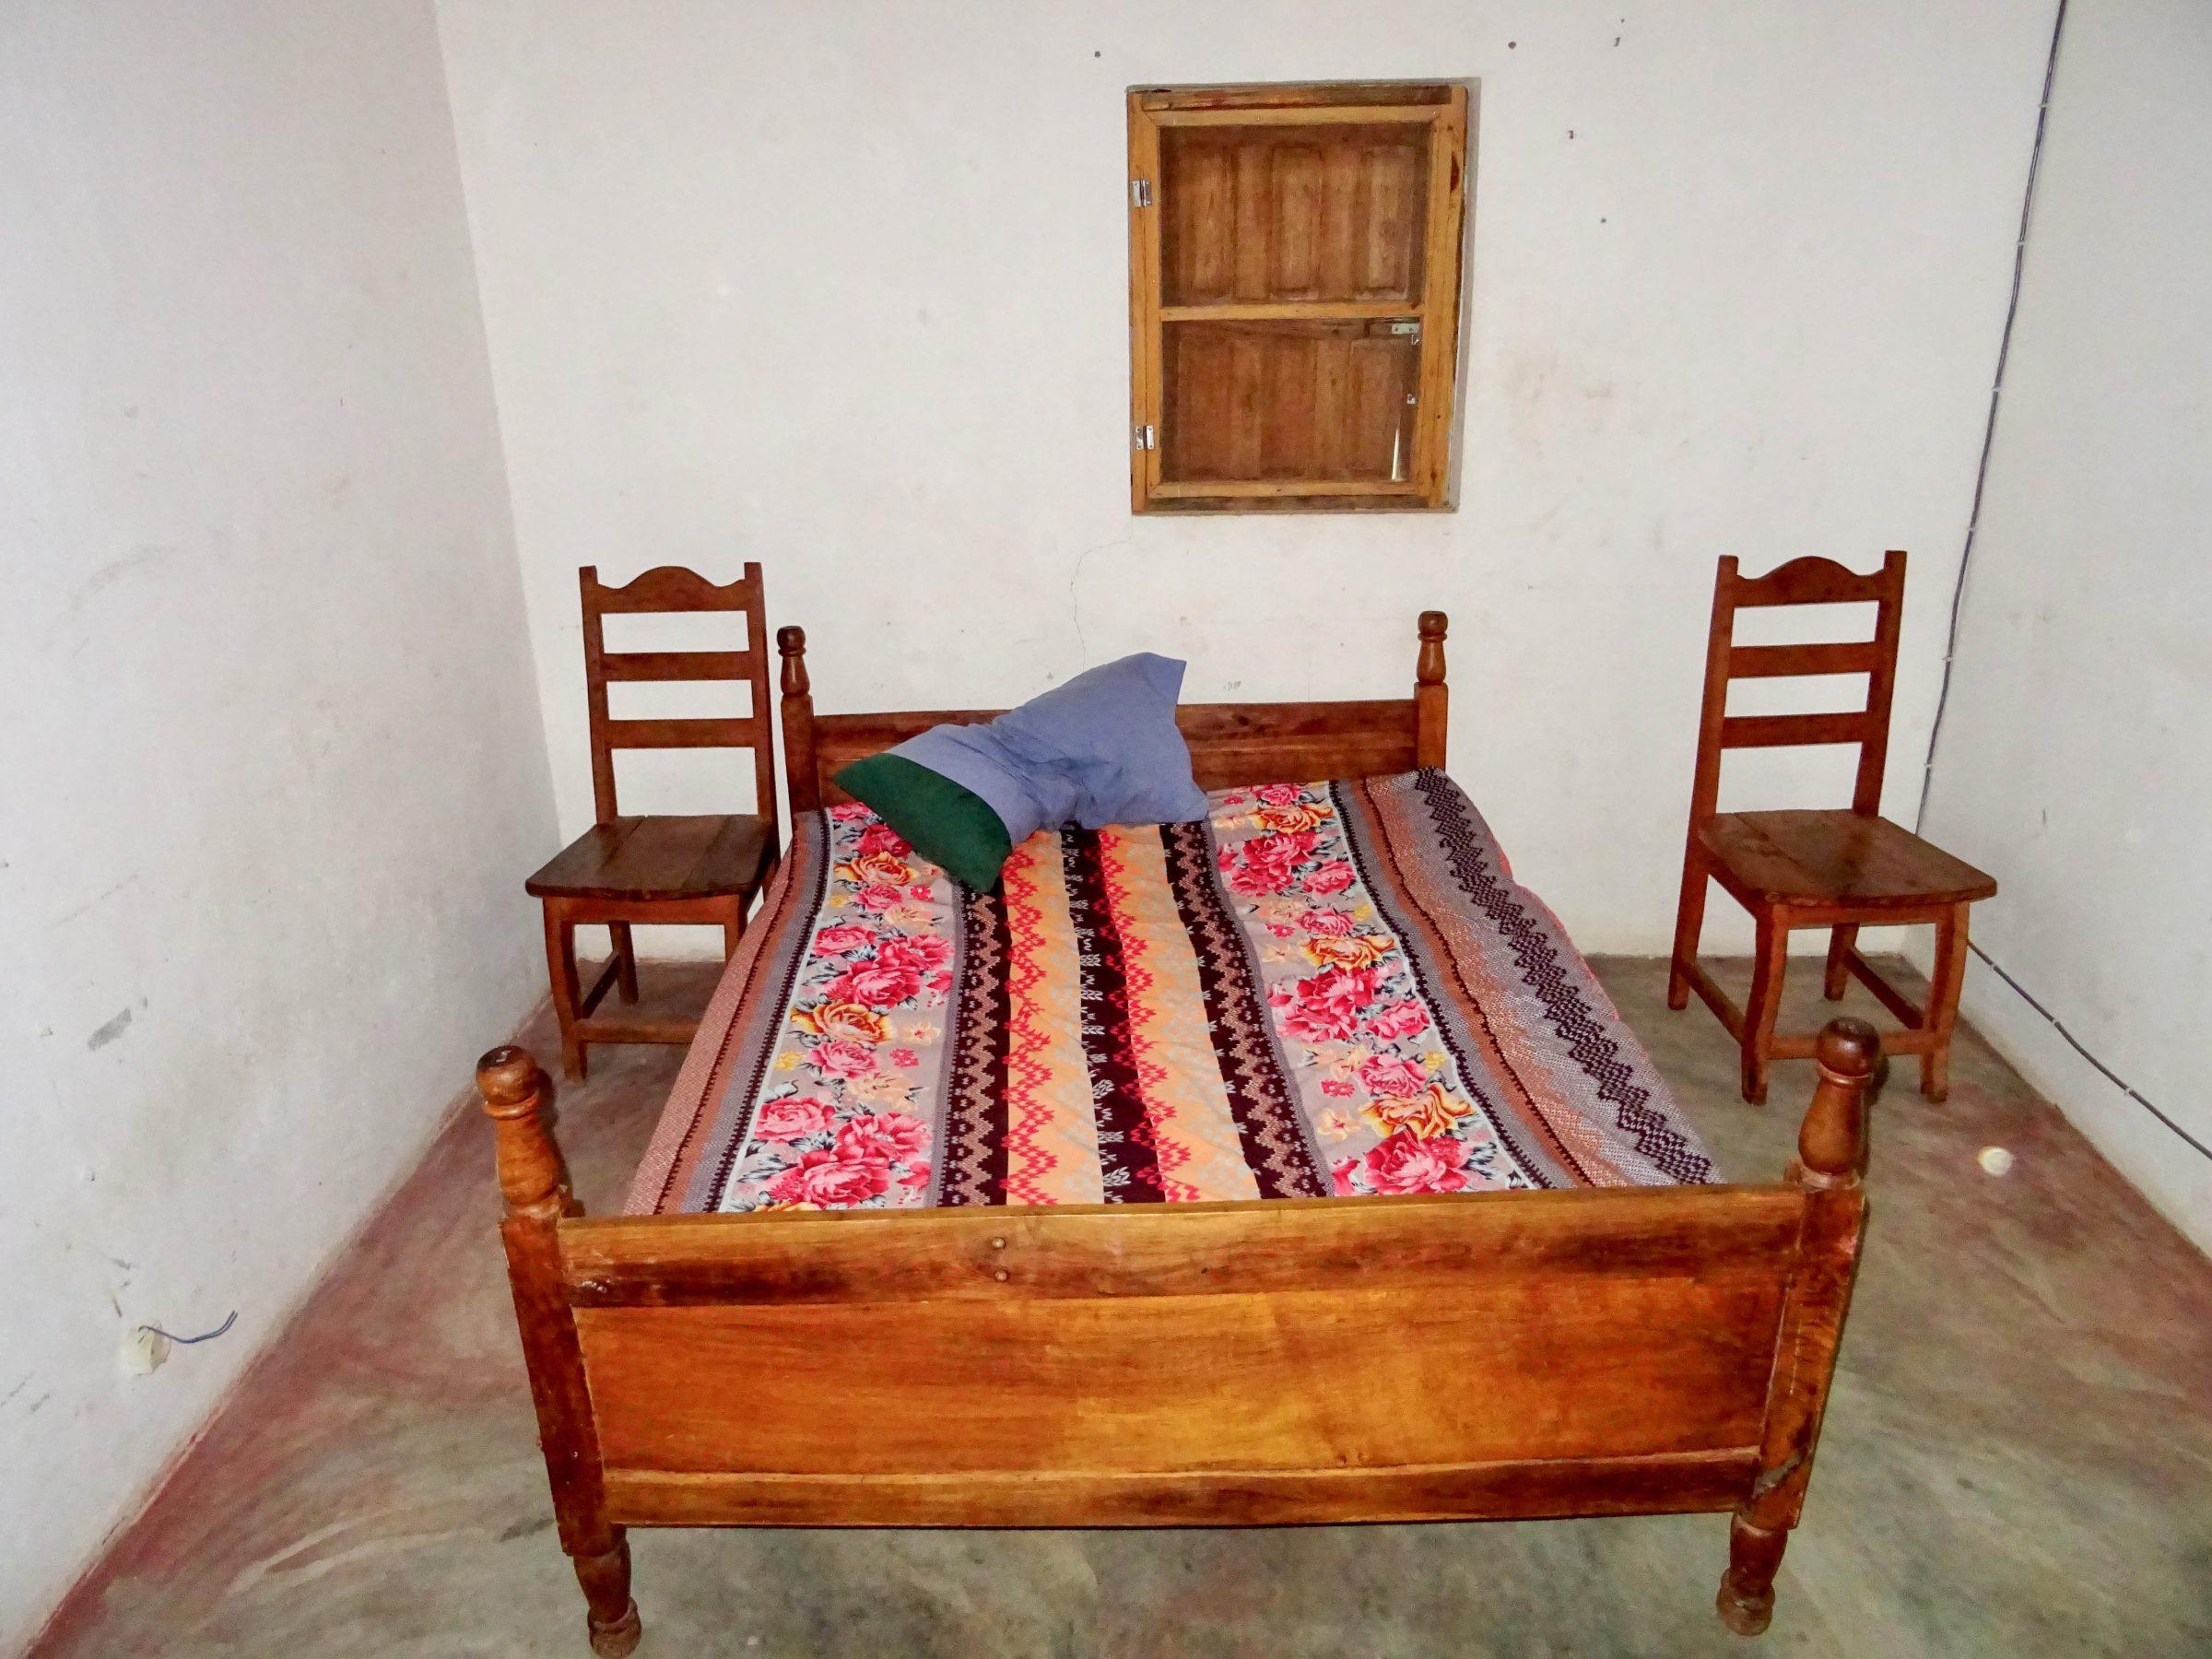 Slaapplaats in de knusse gevangenis van Malaimbandy